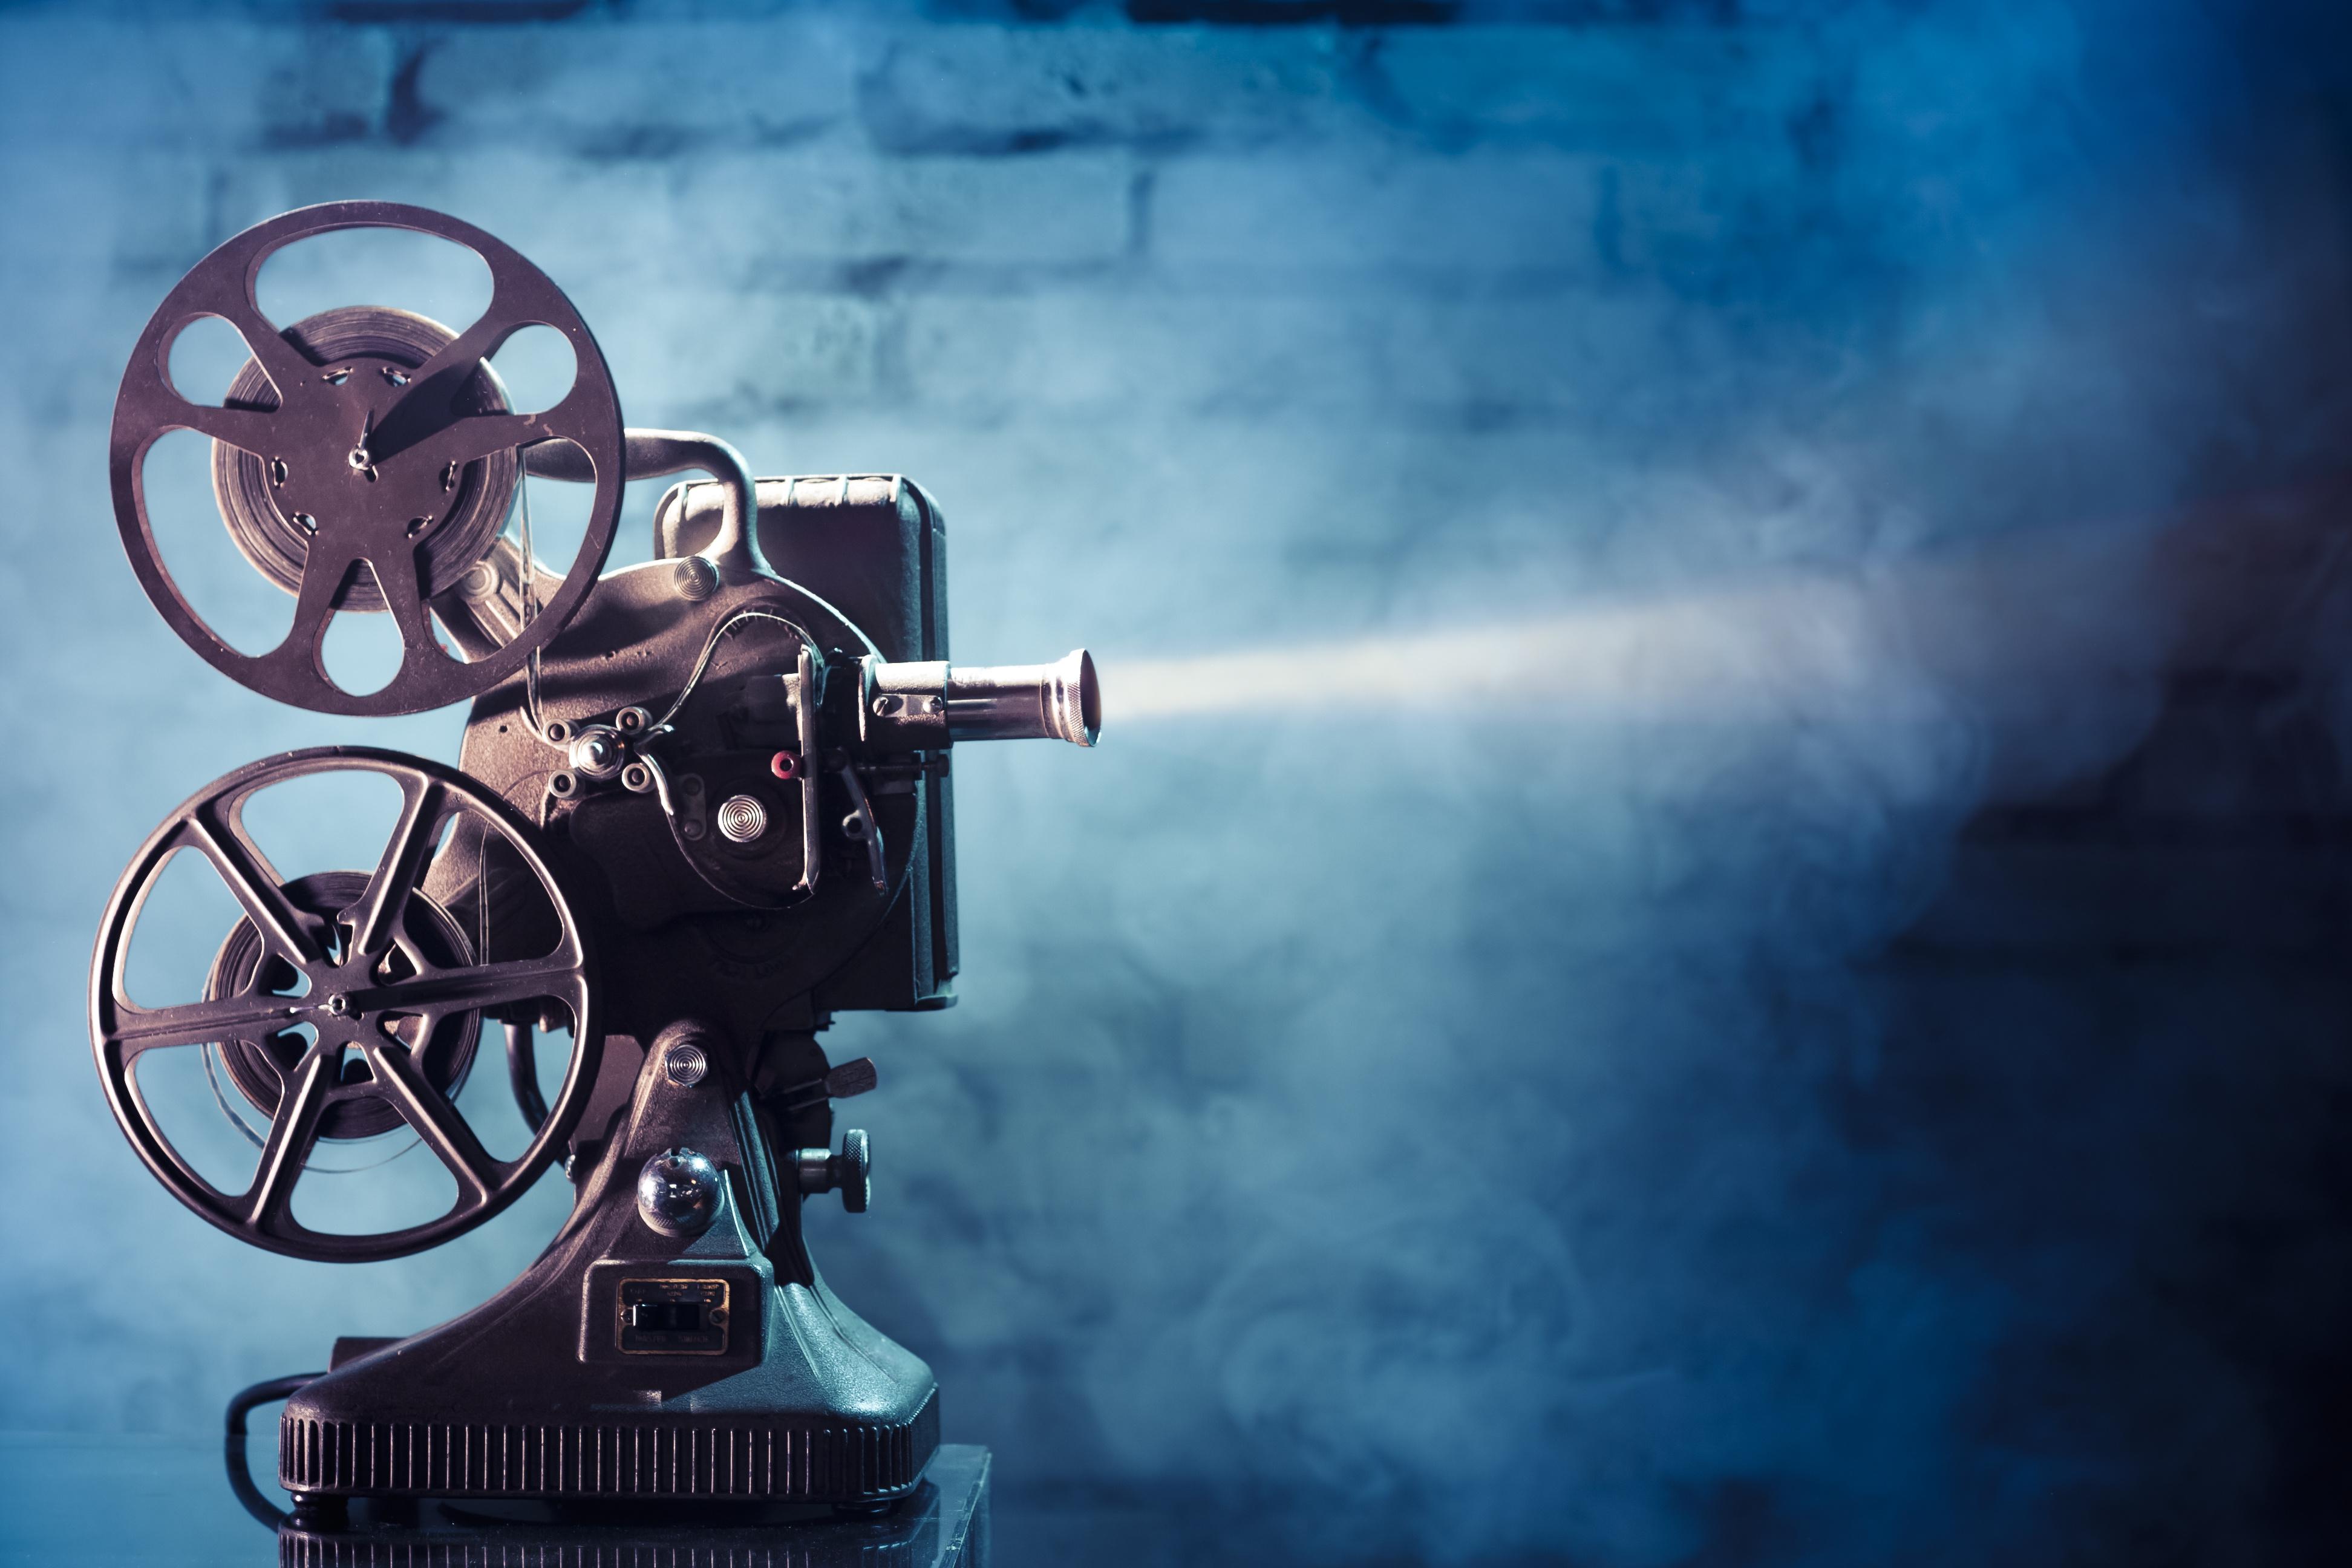 Brasil e Itália lançam edital de 160 mil euros para investir em cinema